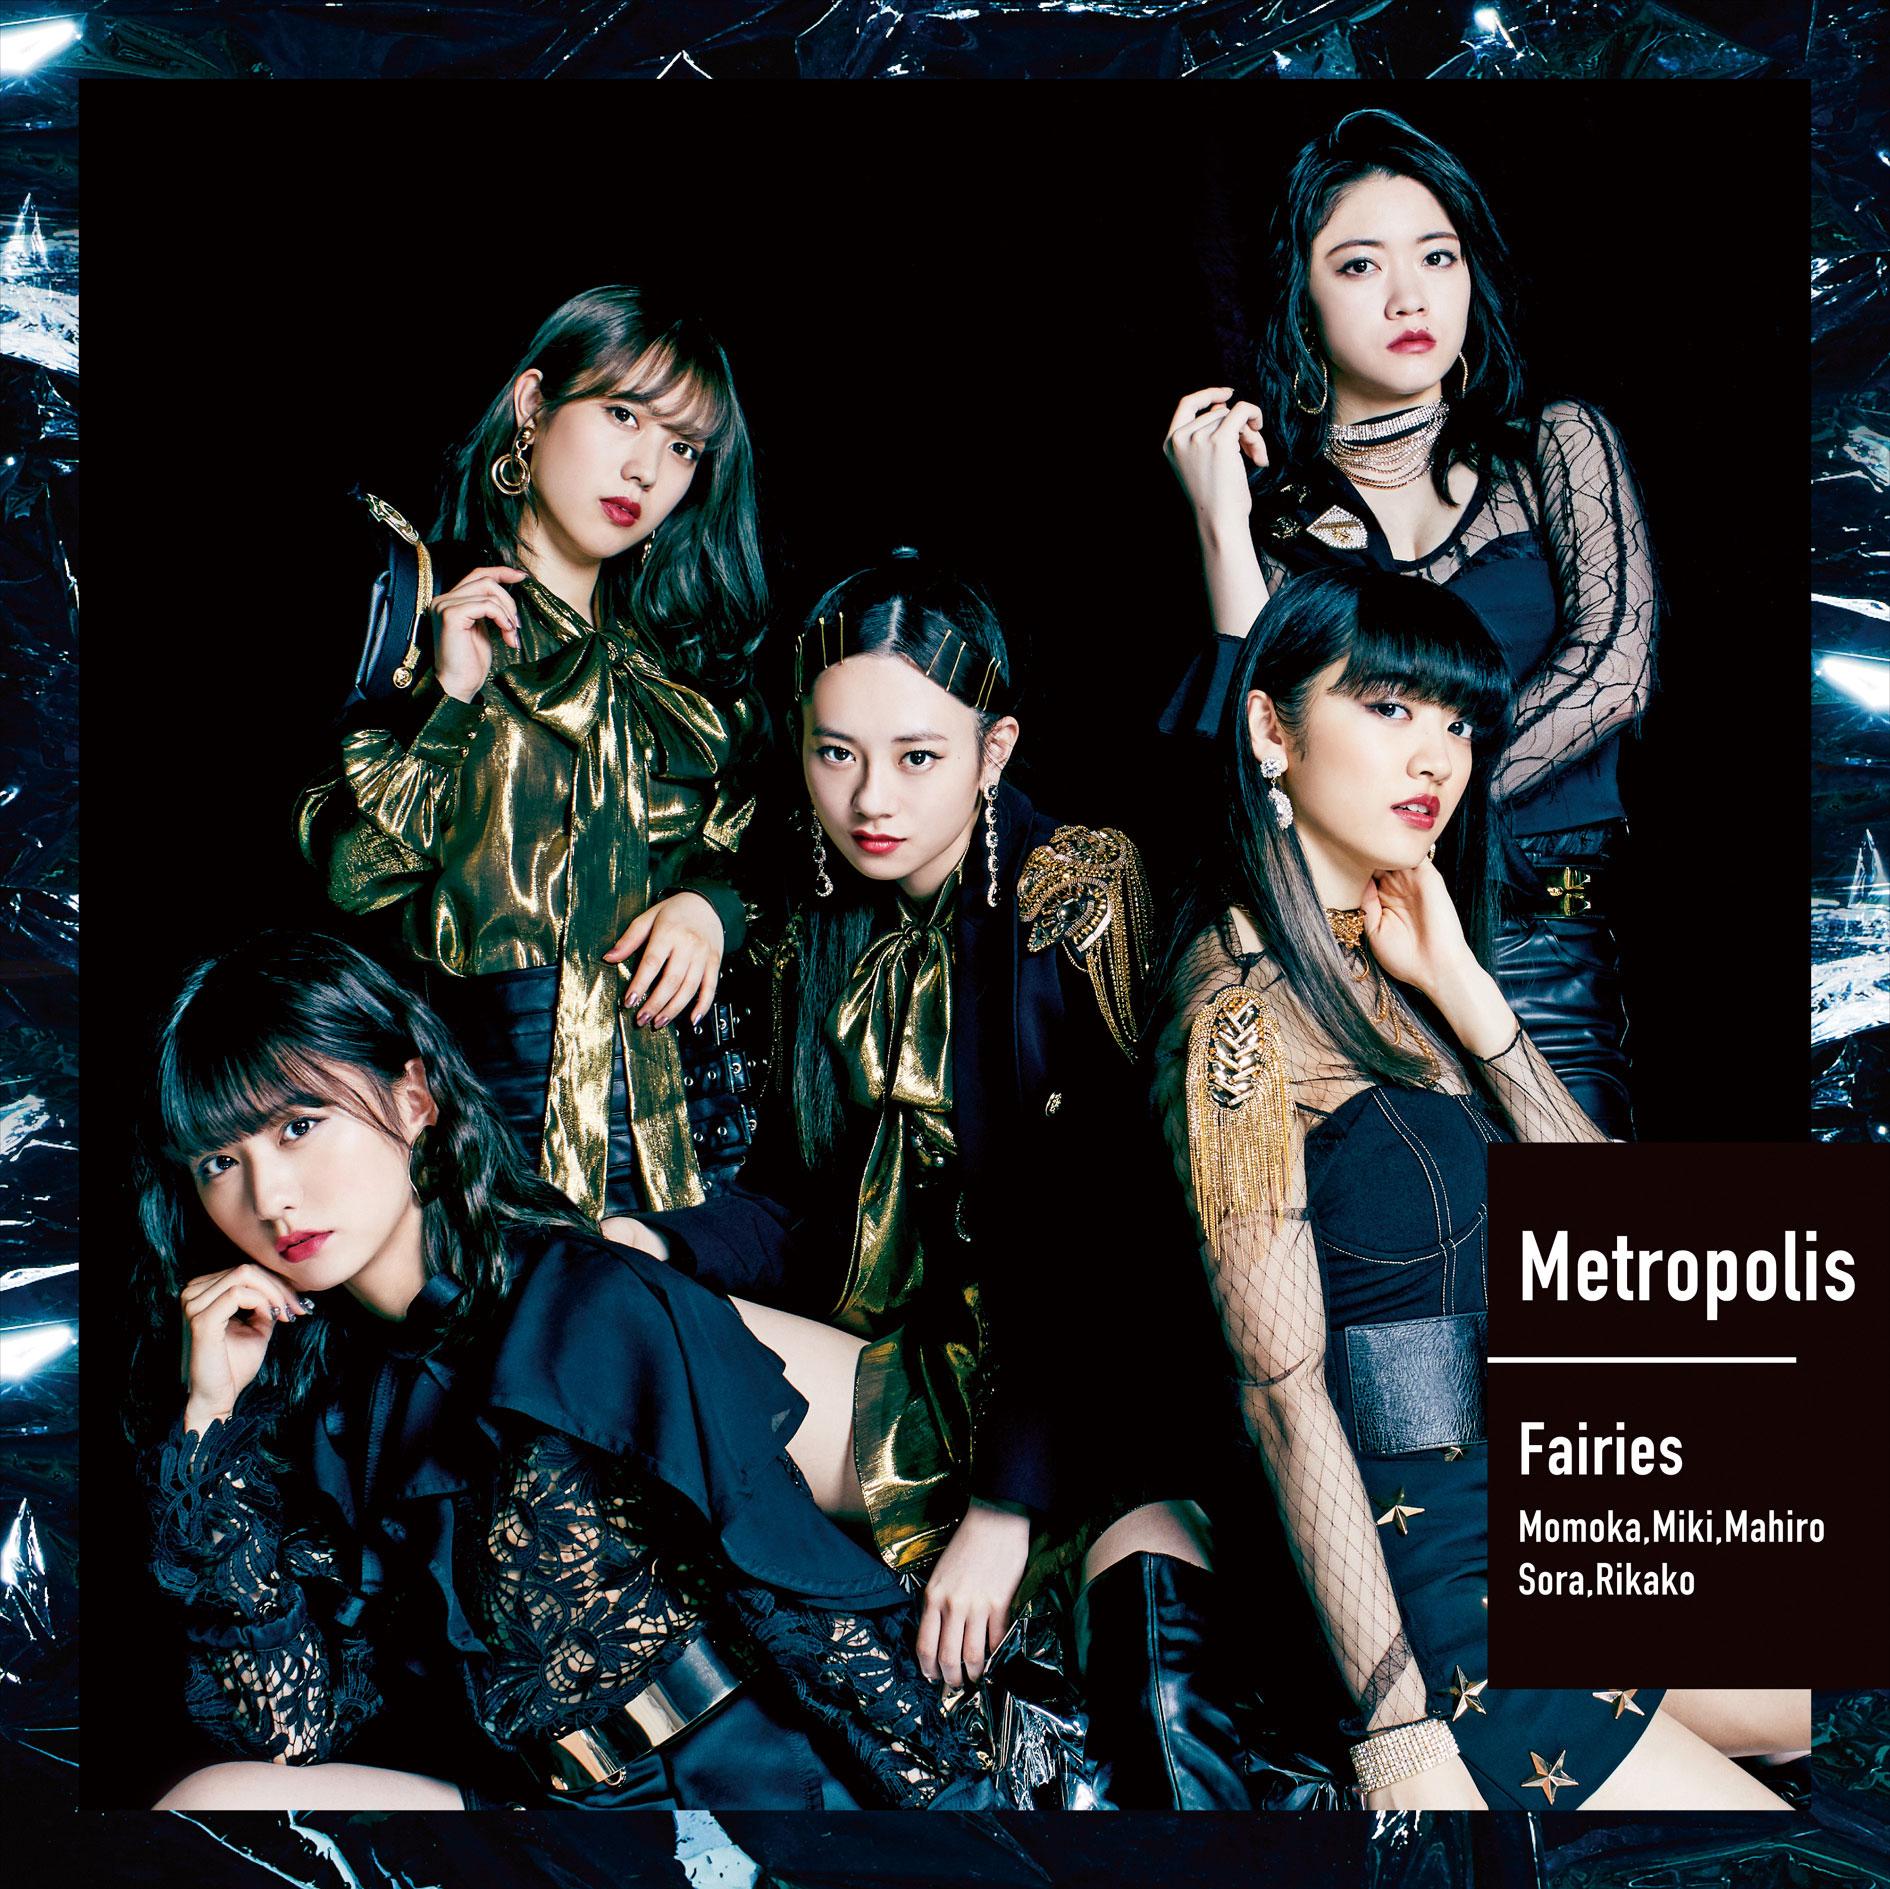 17th Single「Metropolis~メトロポリス~」をリリースするフェアリーズにインタビュー!